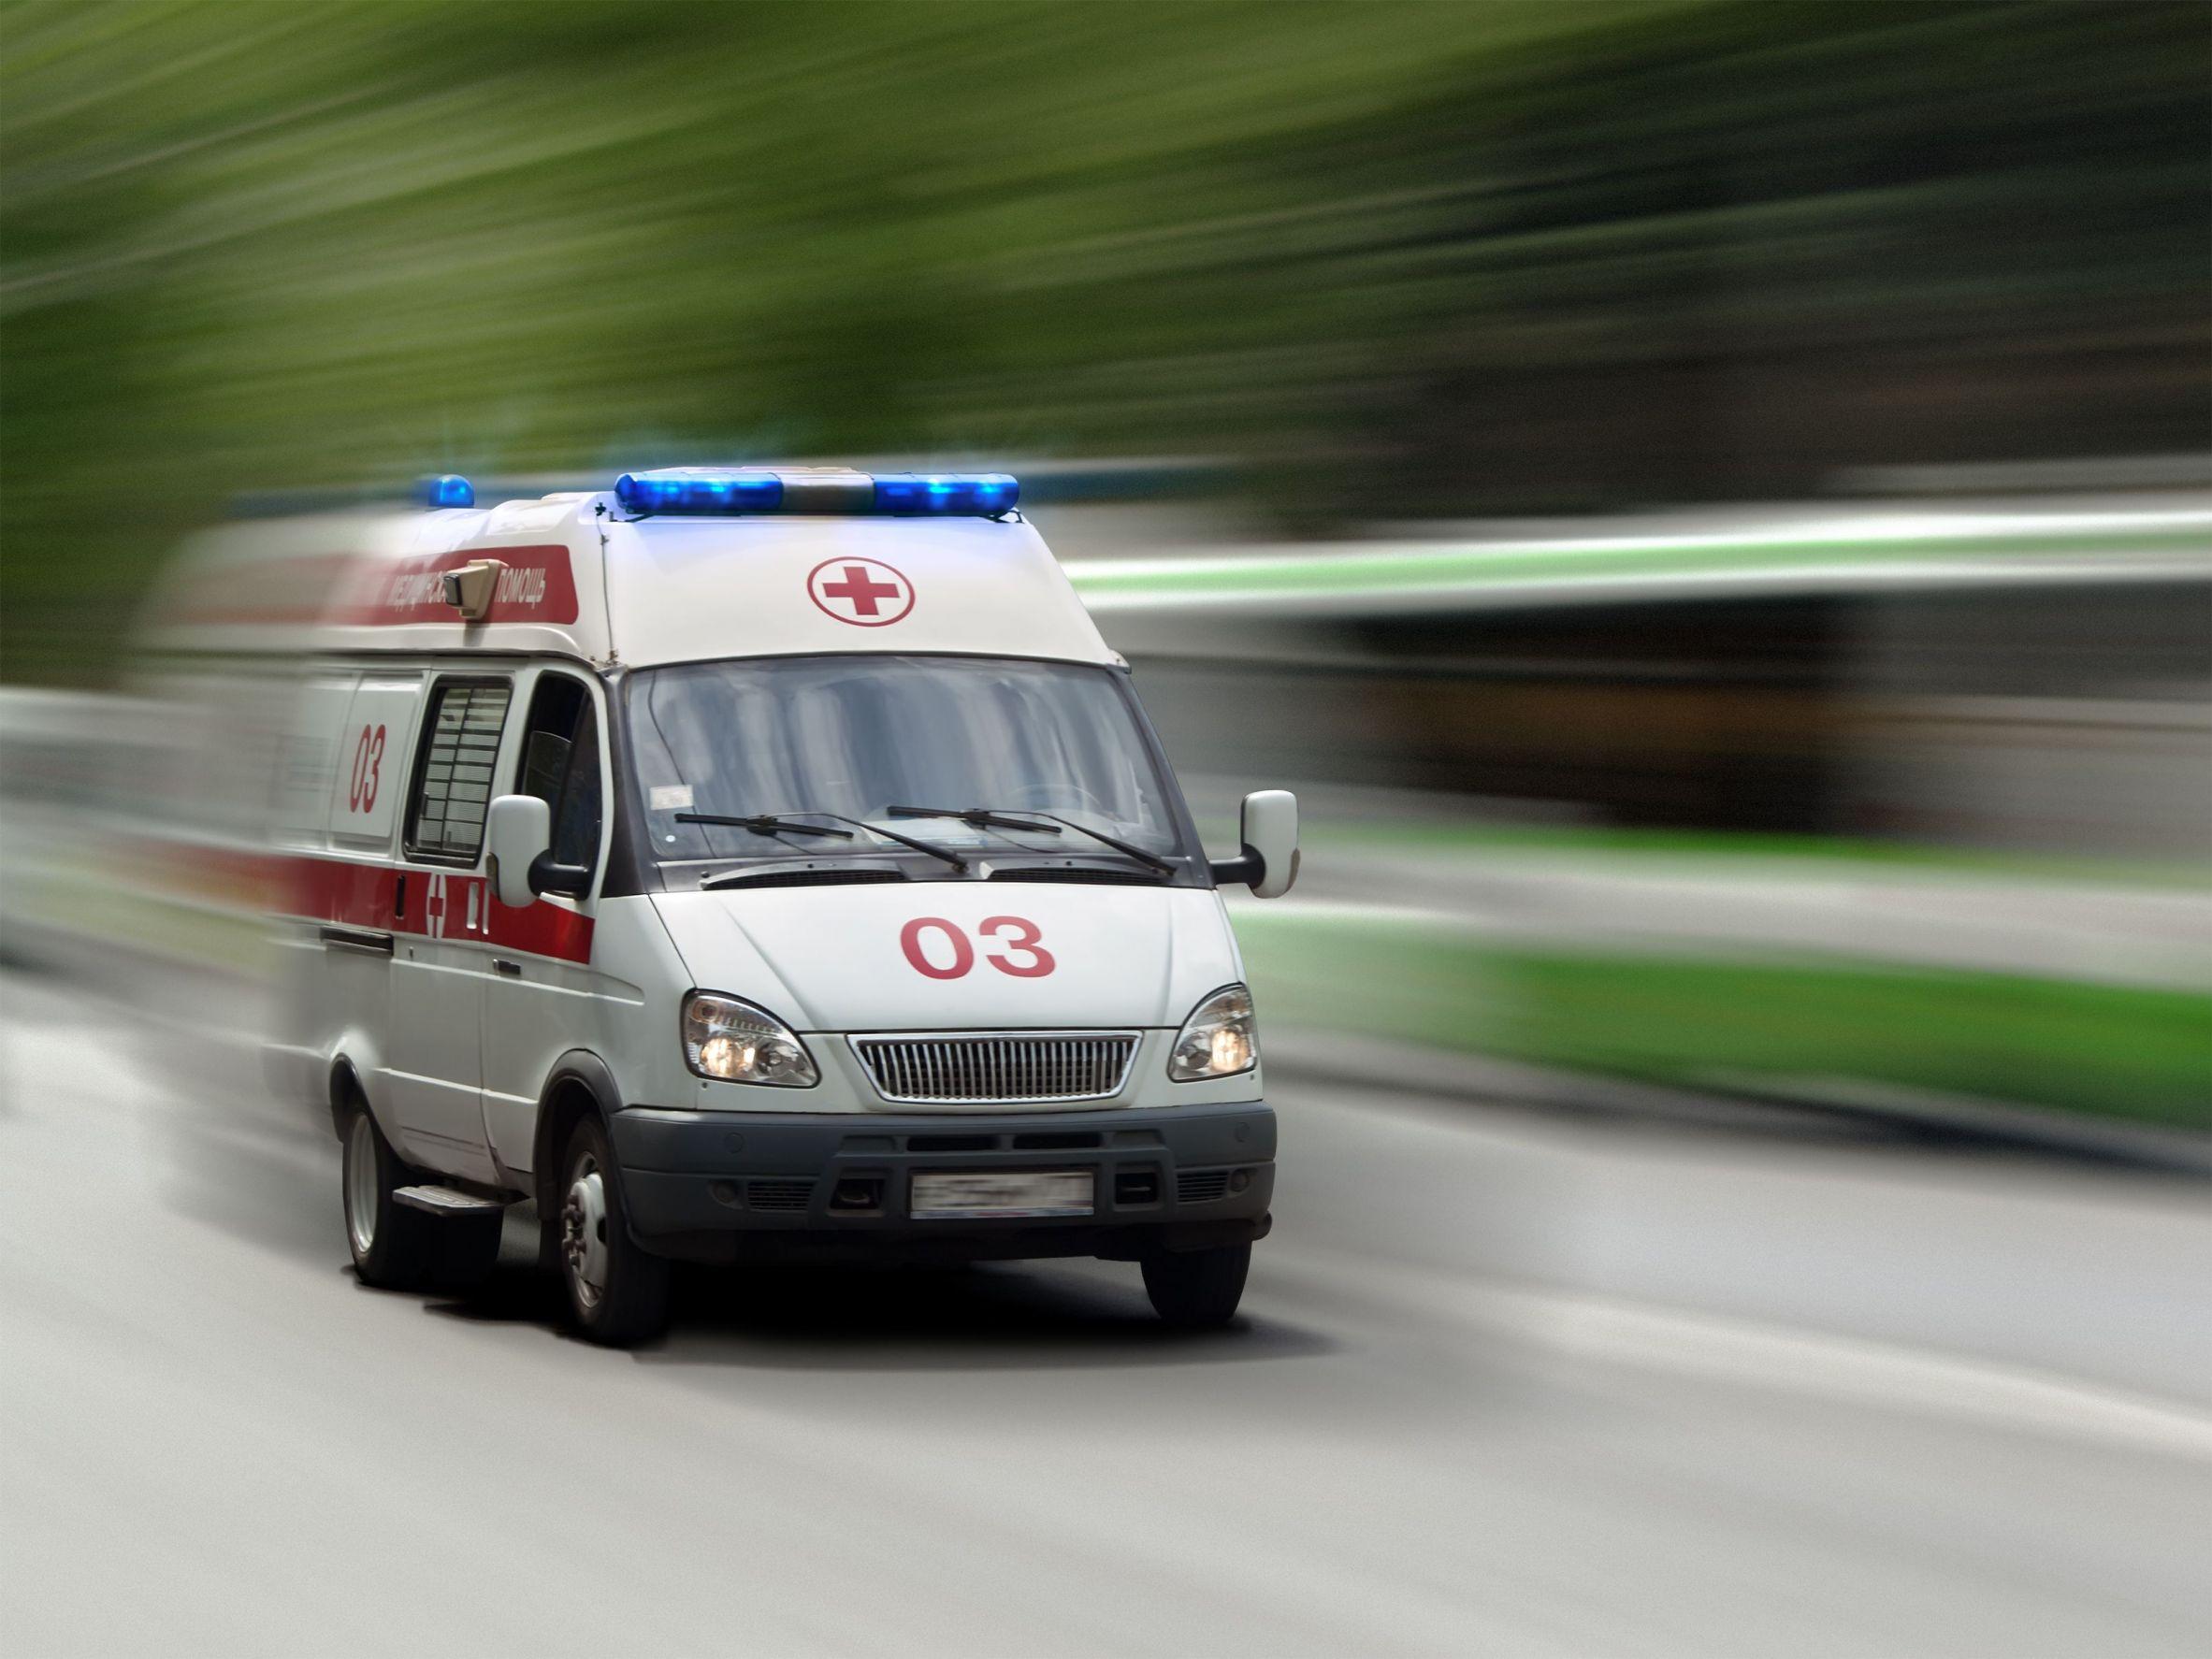 Пьяный житель Вологды напал на фельдшера «скорой помощи»